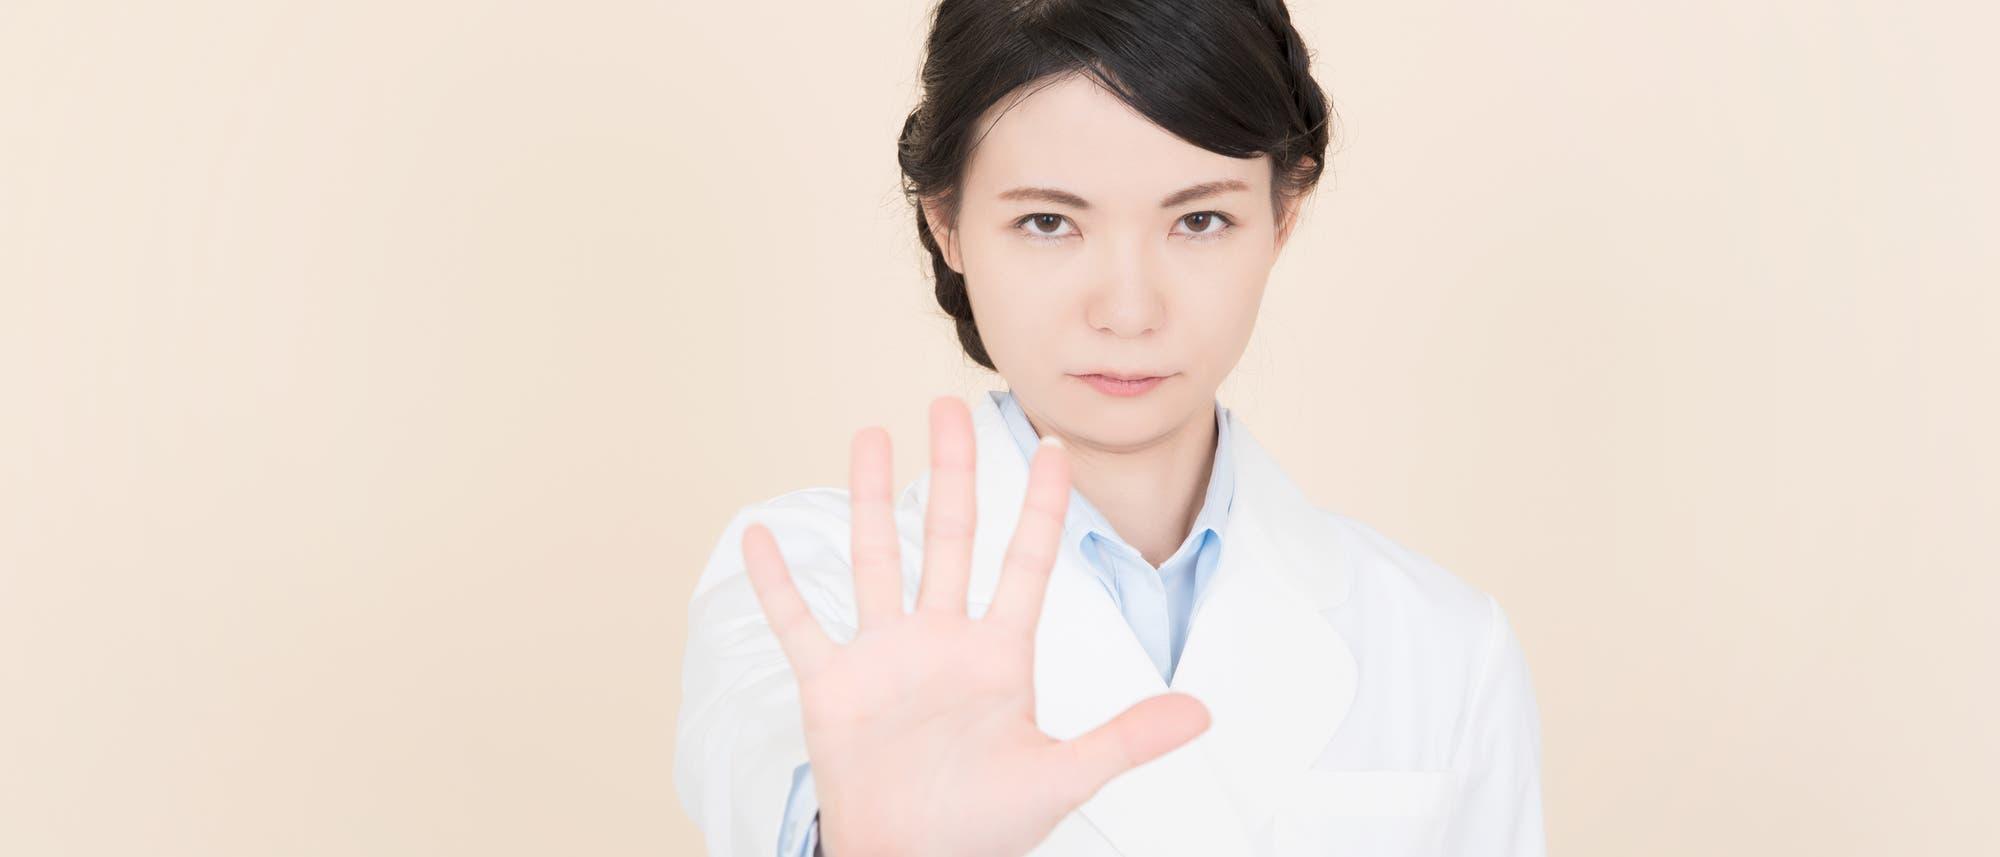 Frau macht ein Stopp-Handzeichen